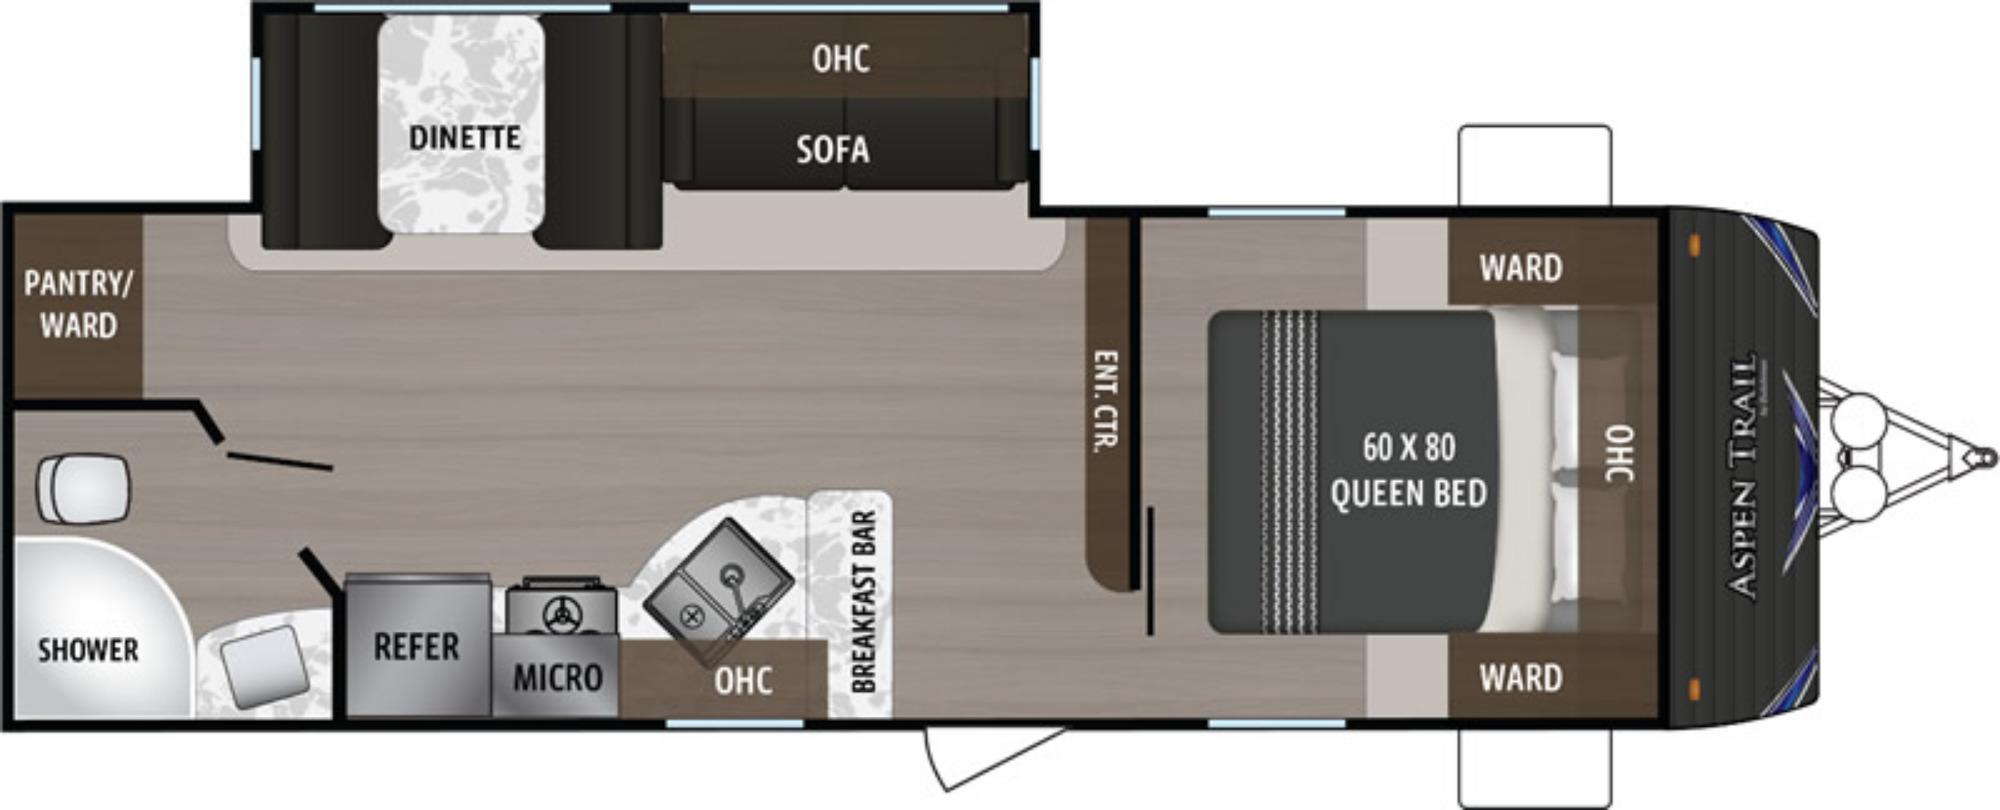 View Floor Plan for 2019 DUTCHMEN ASPEN TRAIL 2480RBS